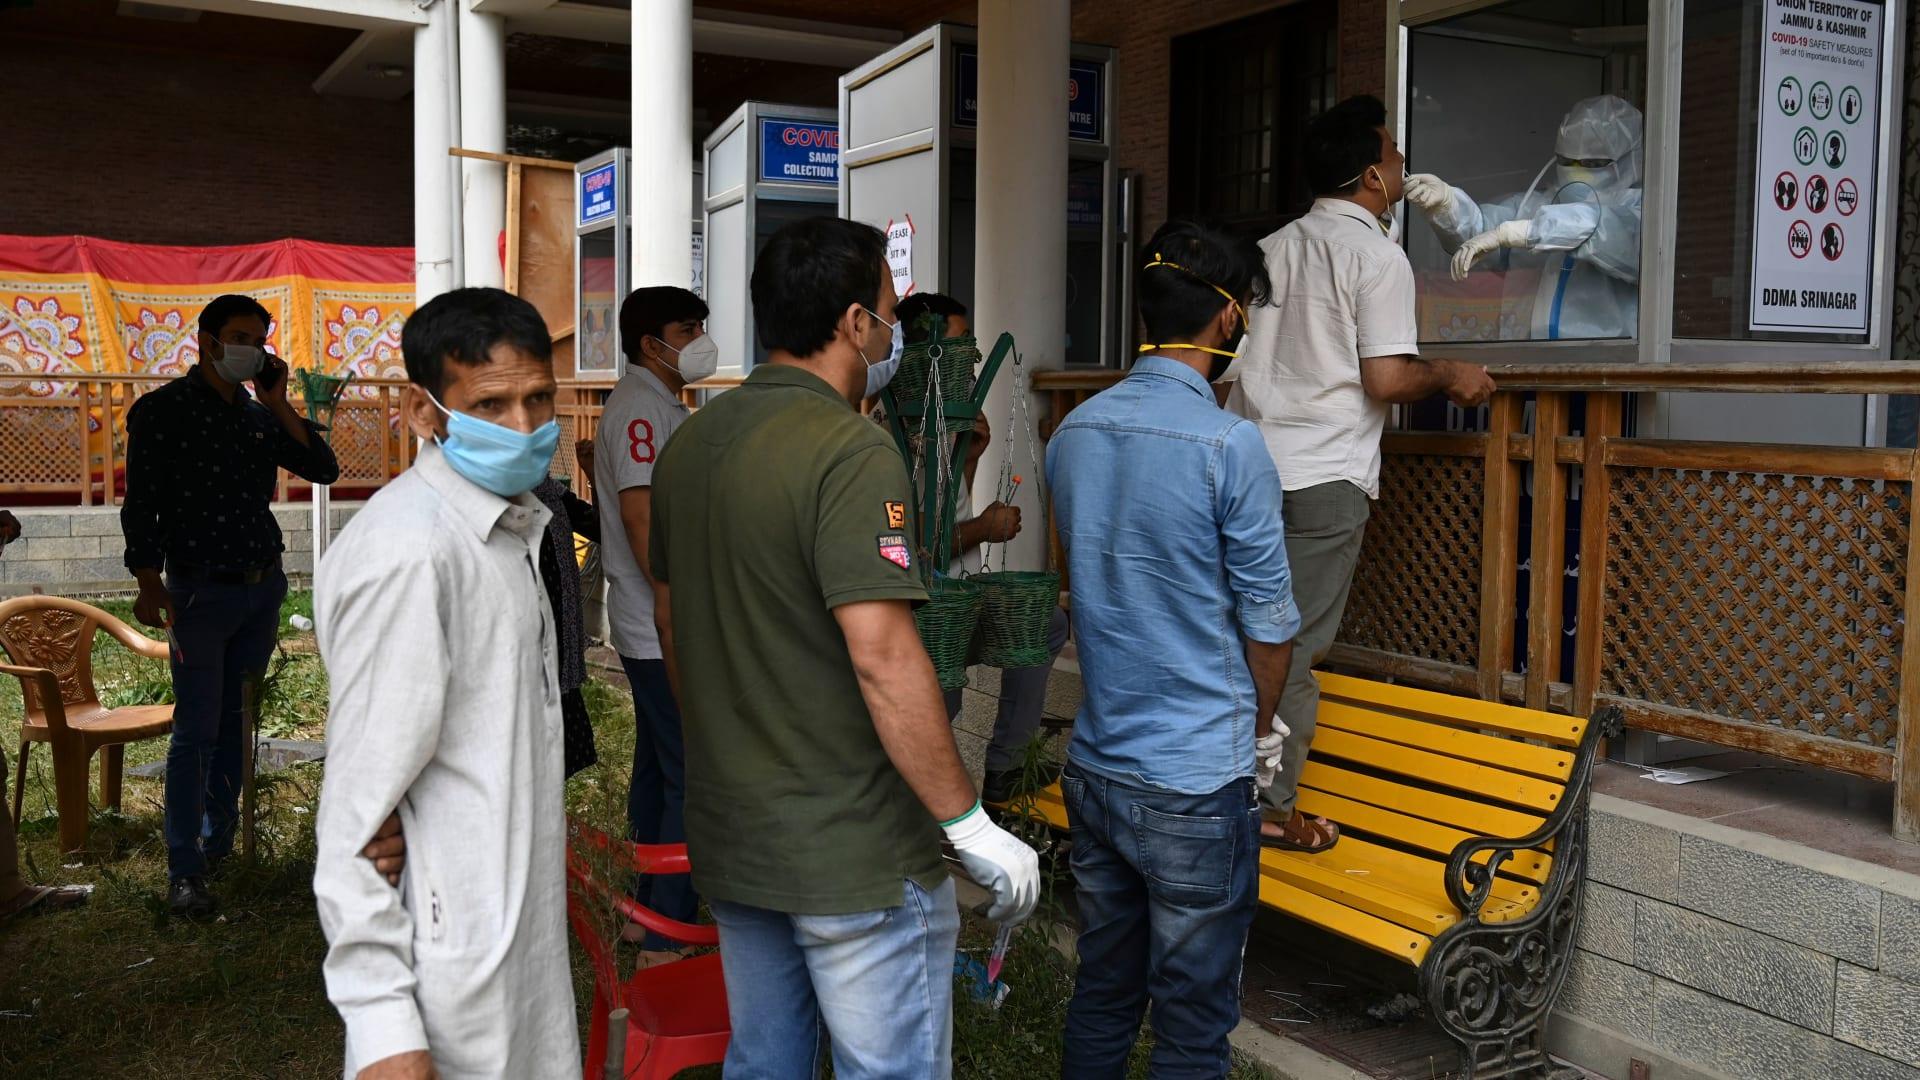 الهند تواجه تحديات مع تجاوز عدد حالات كورونا المليون إصابة